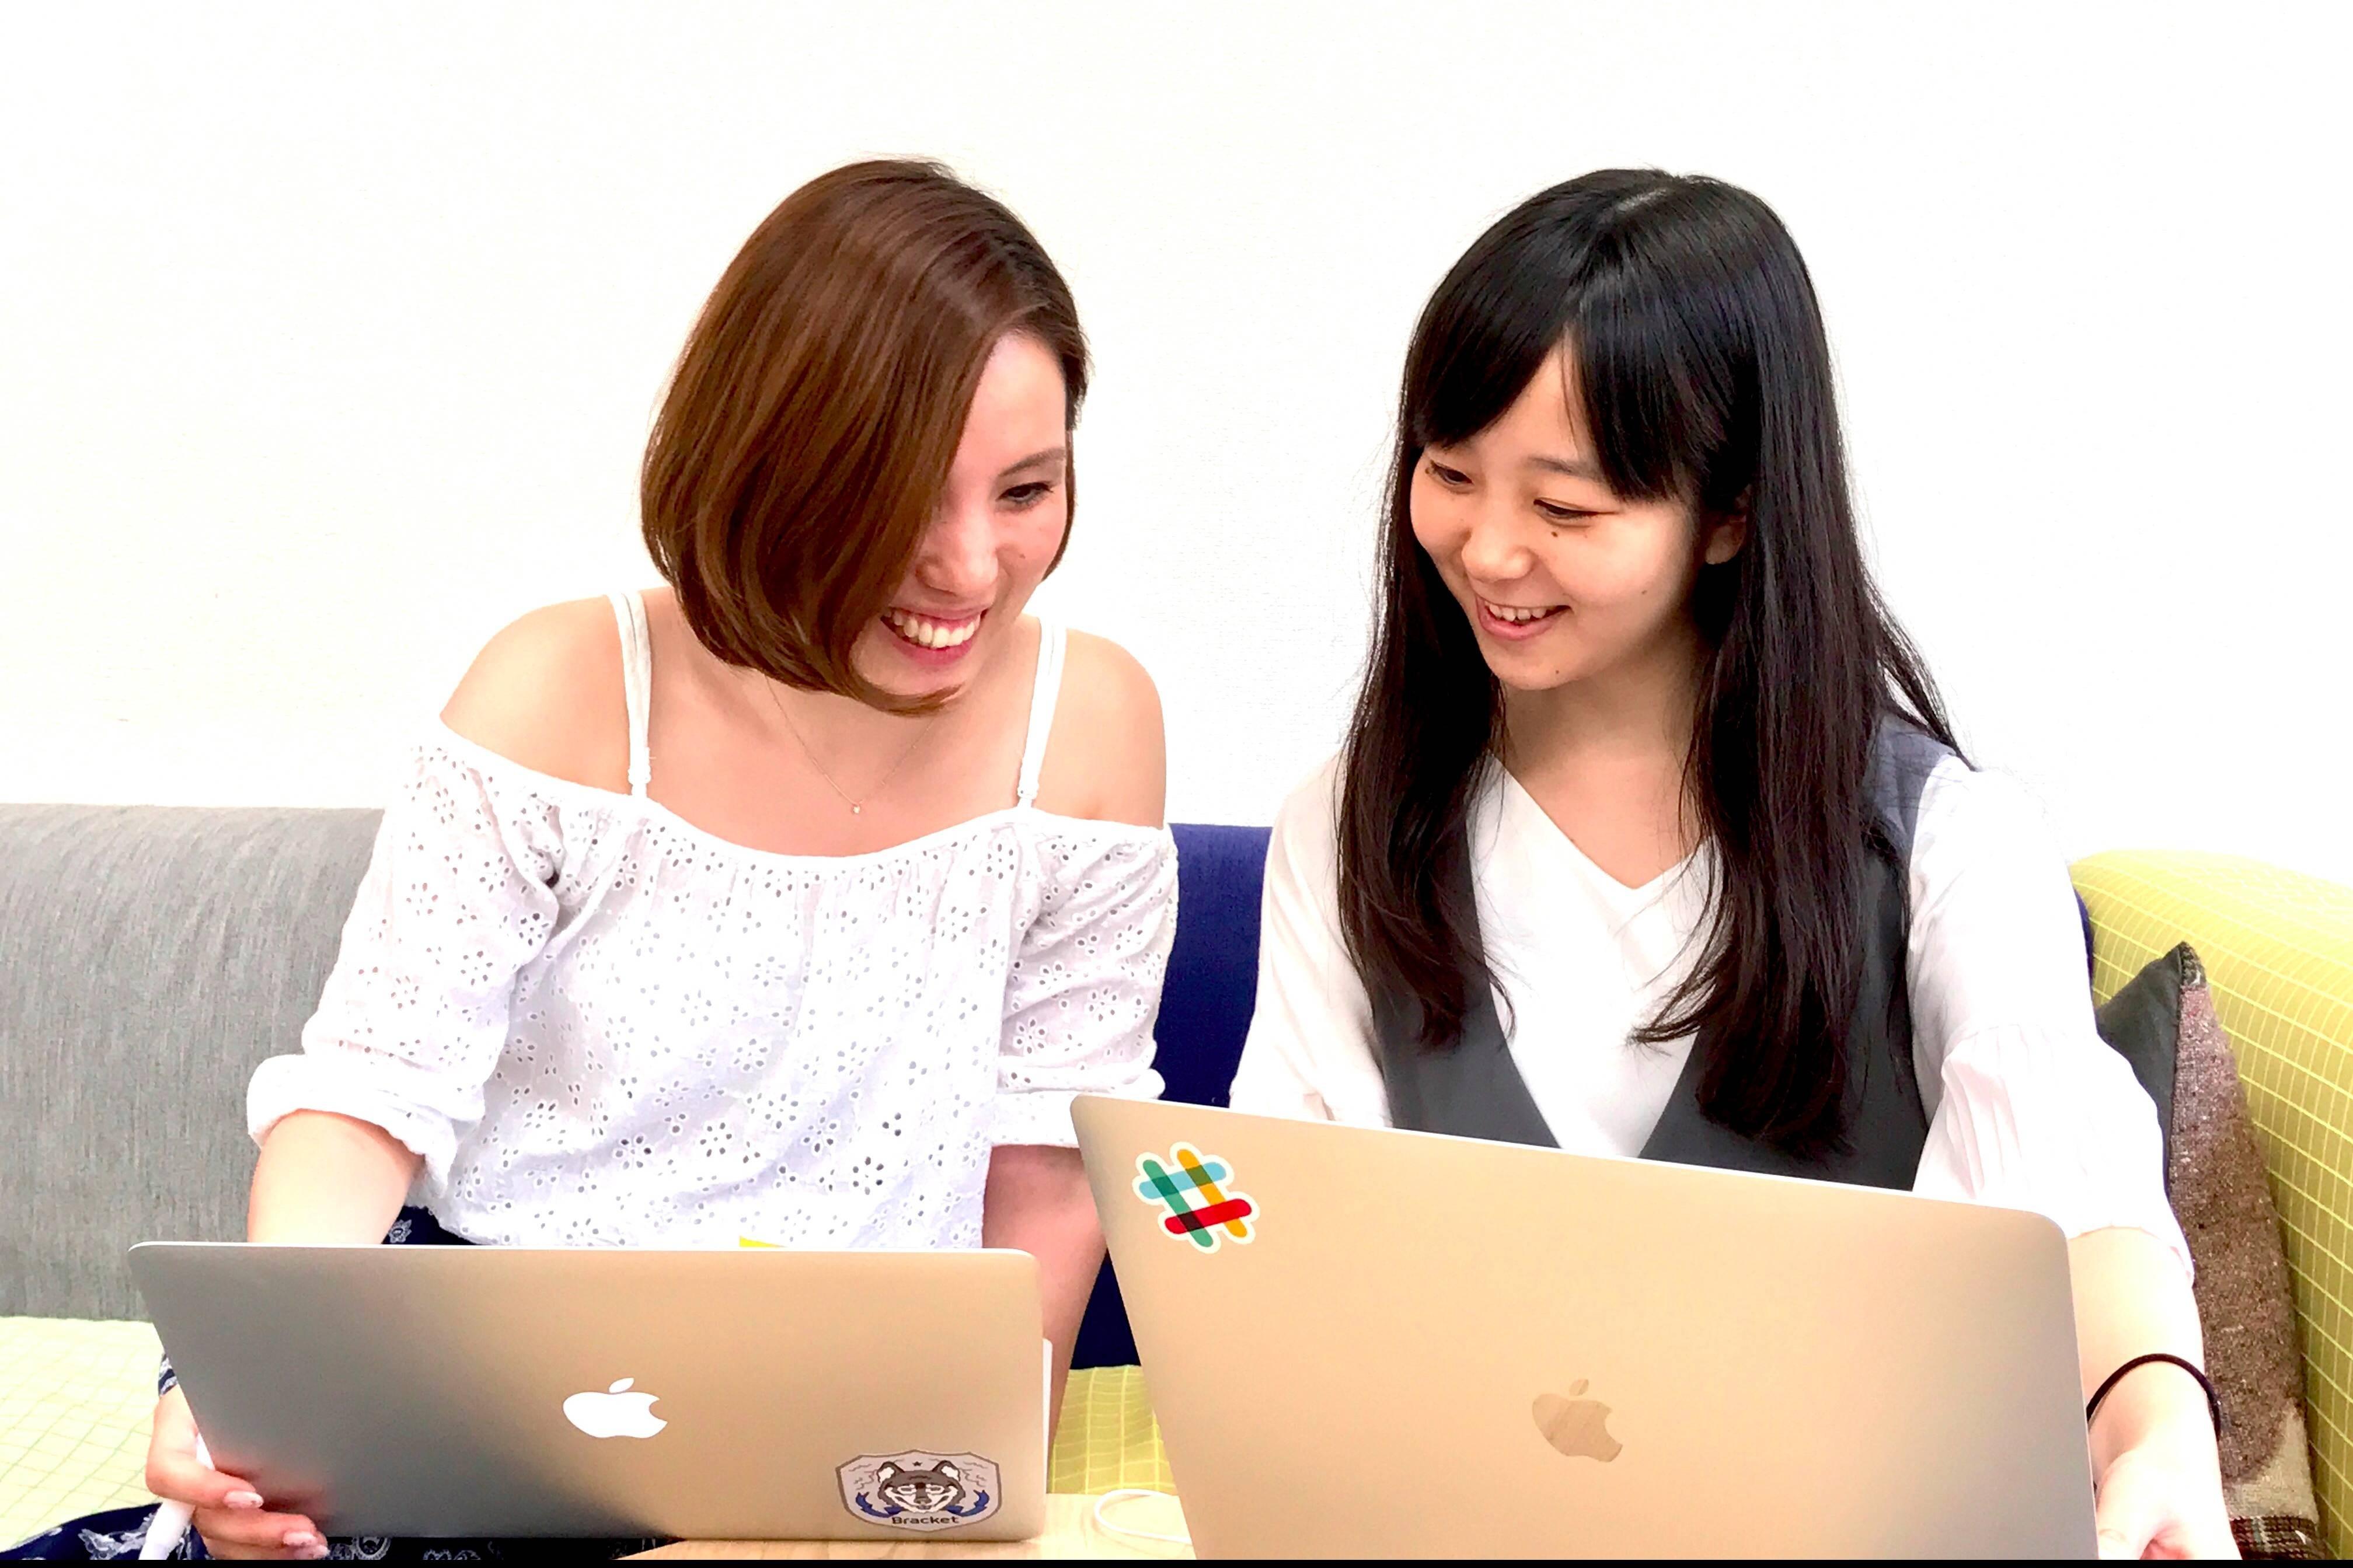 ストアーズ・ドット・ジェーピー株式会社のお客さまに喜んでもらえる!急成長中のSTORES.jpのカスタマーサポート募集中!のサムネイル画像